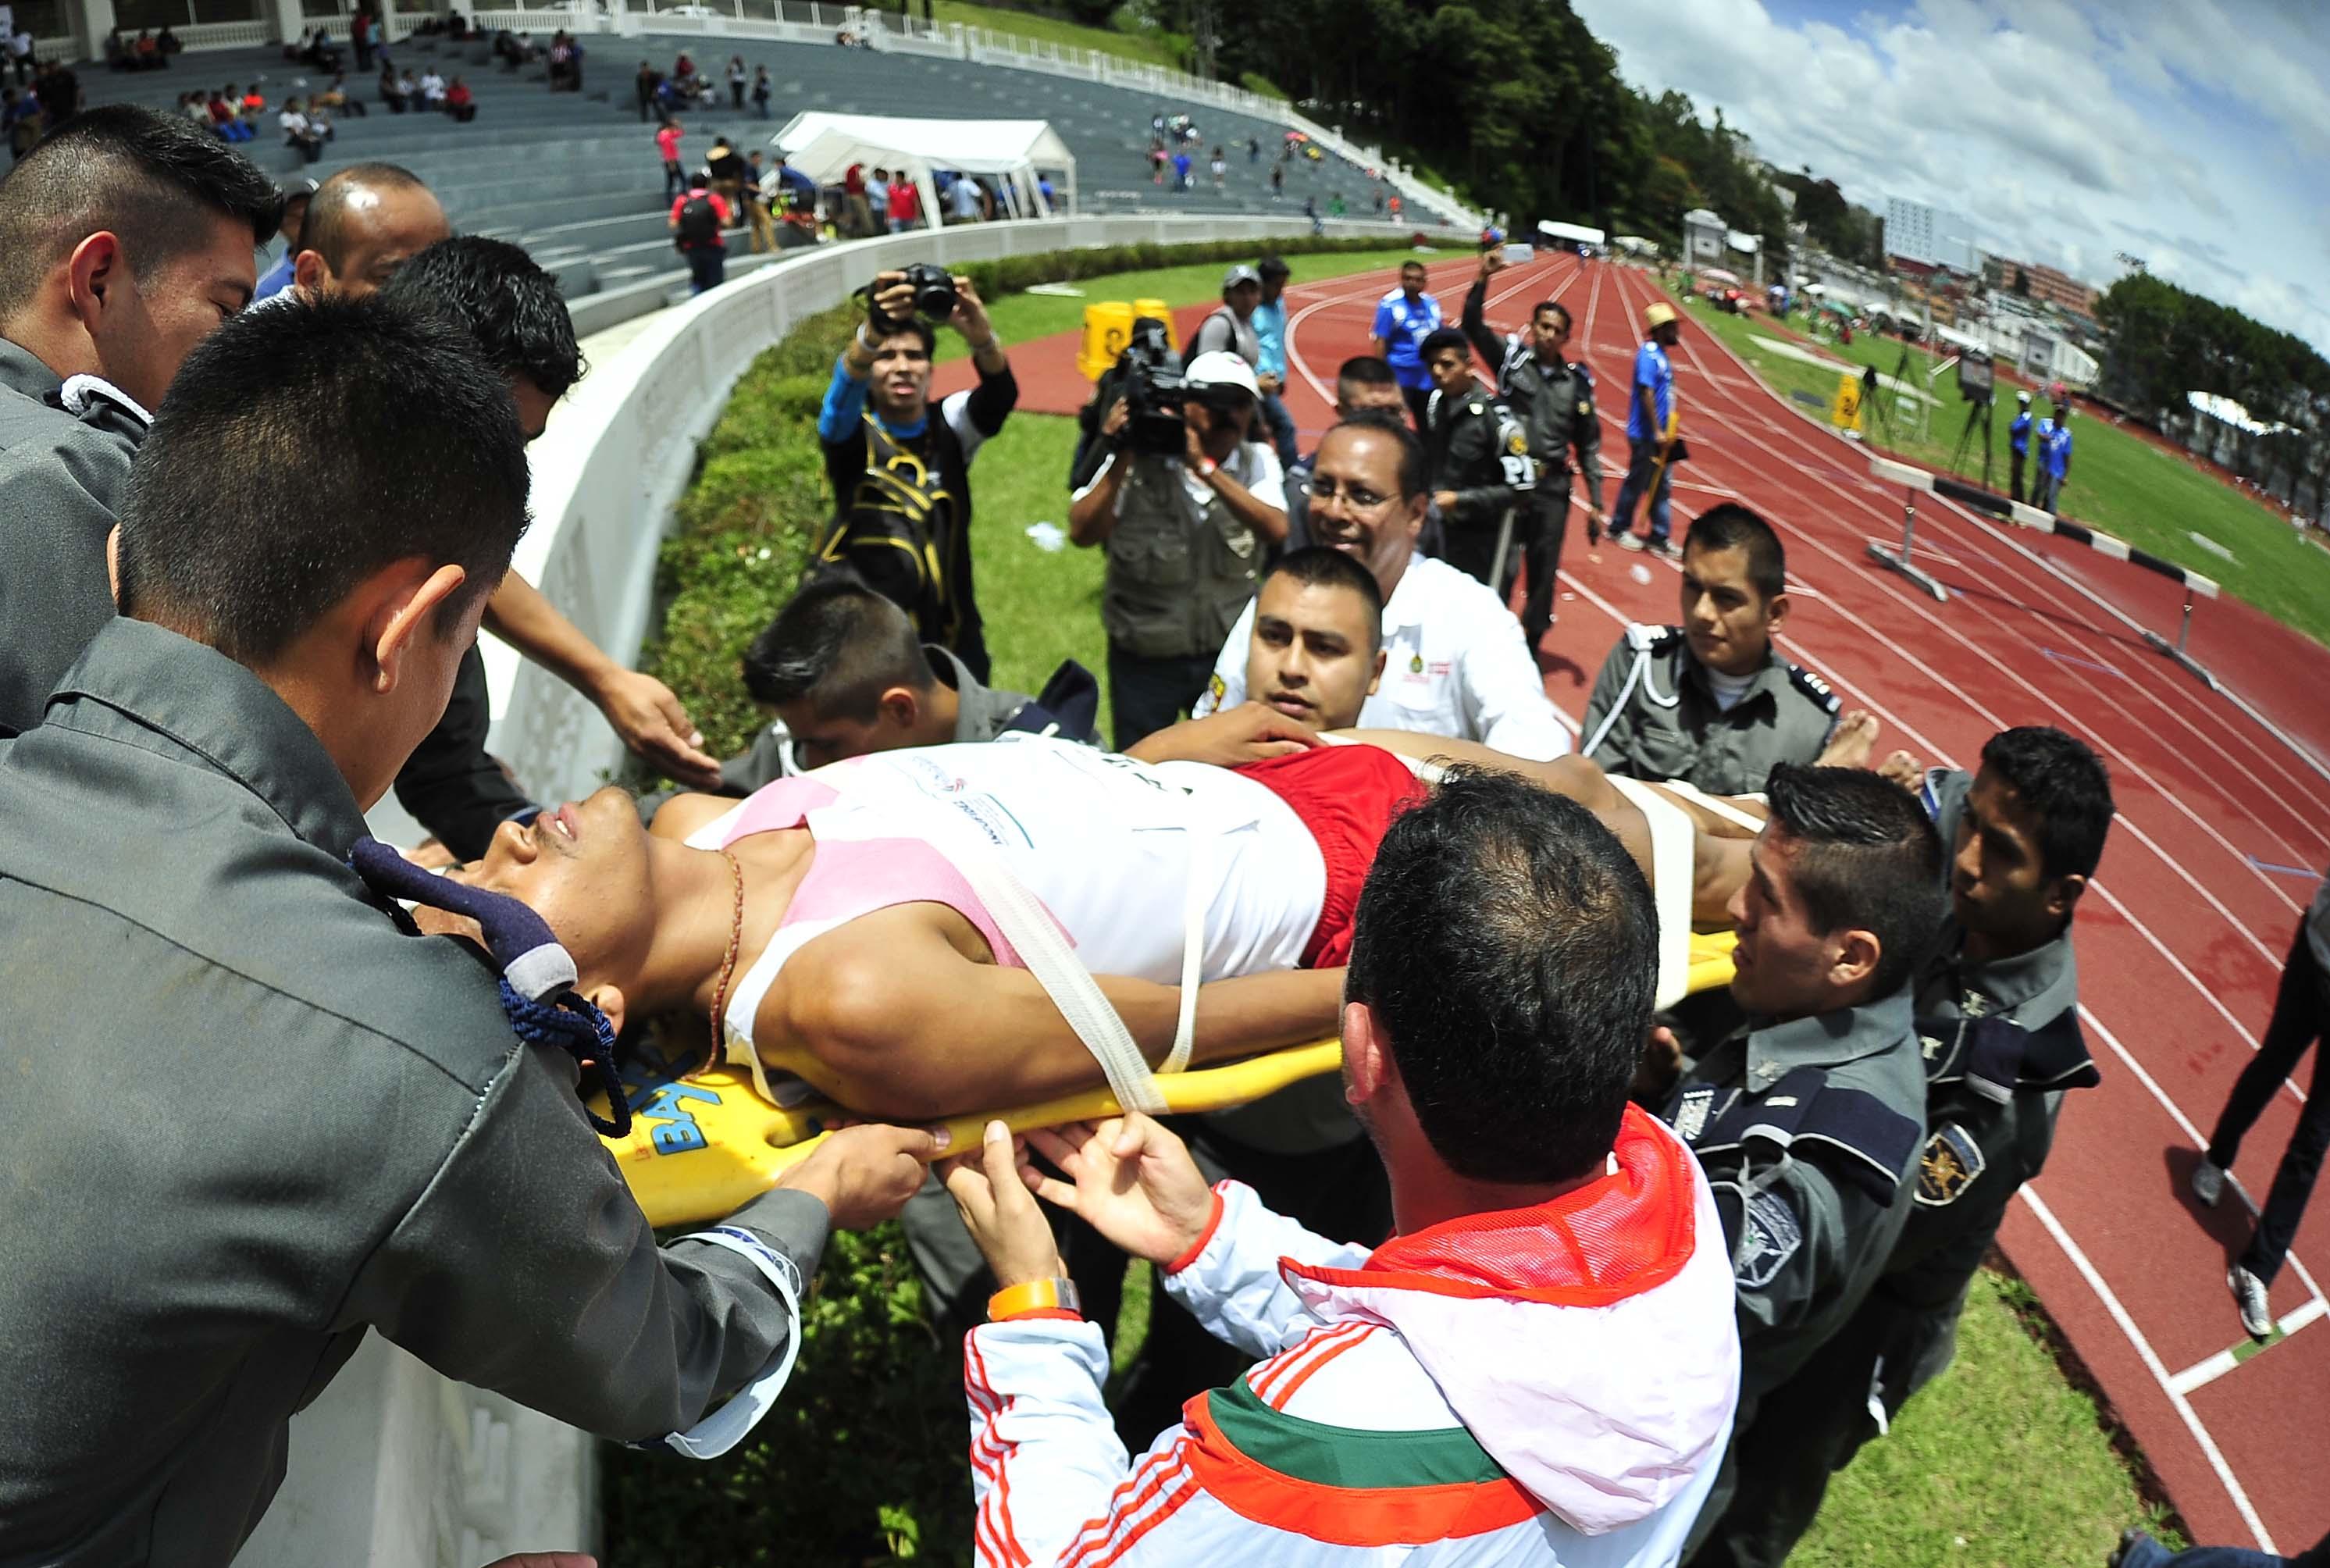 Se desploma atleta en carrera de obstáculos realizada en Xalapa